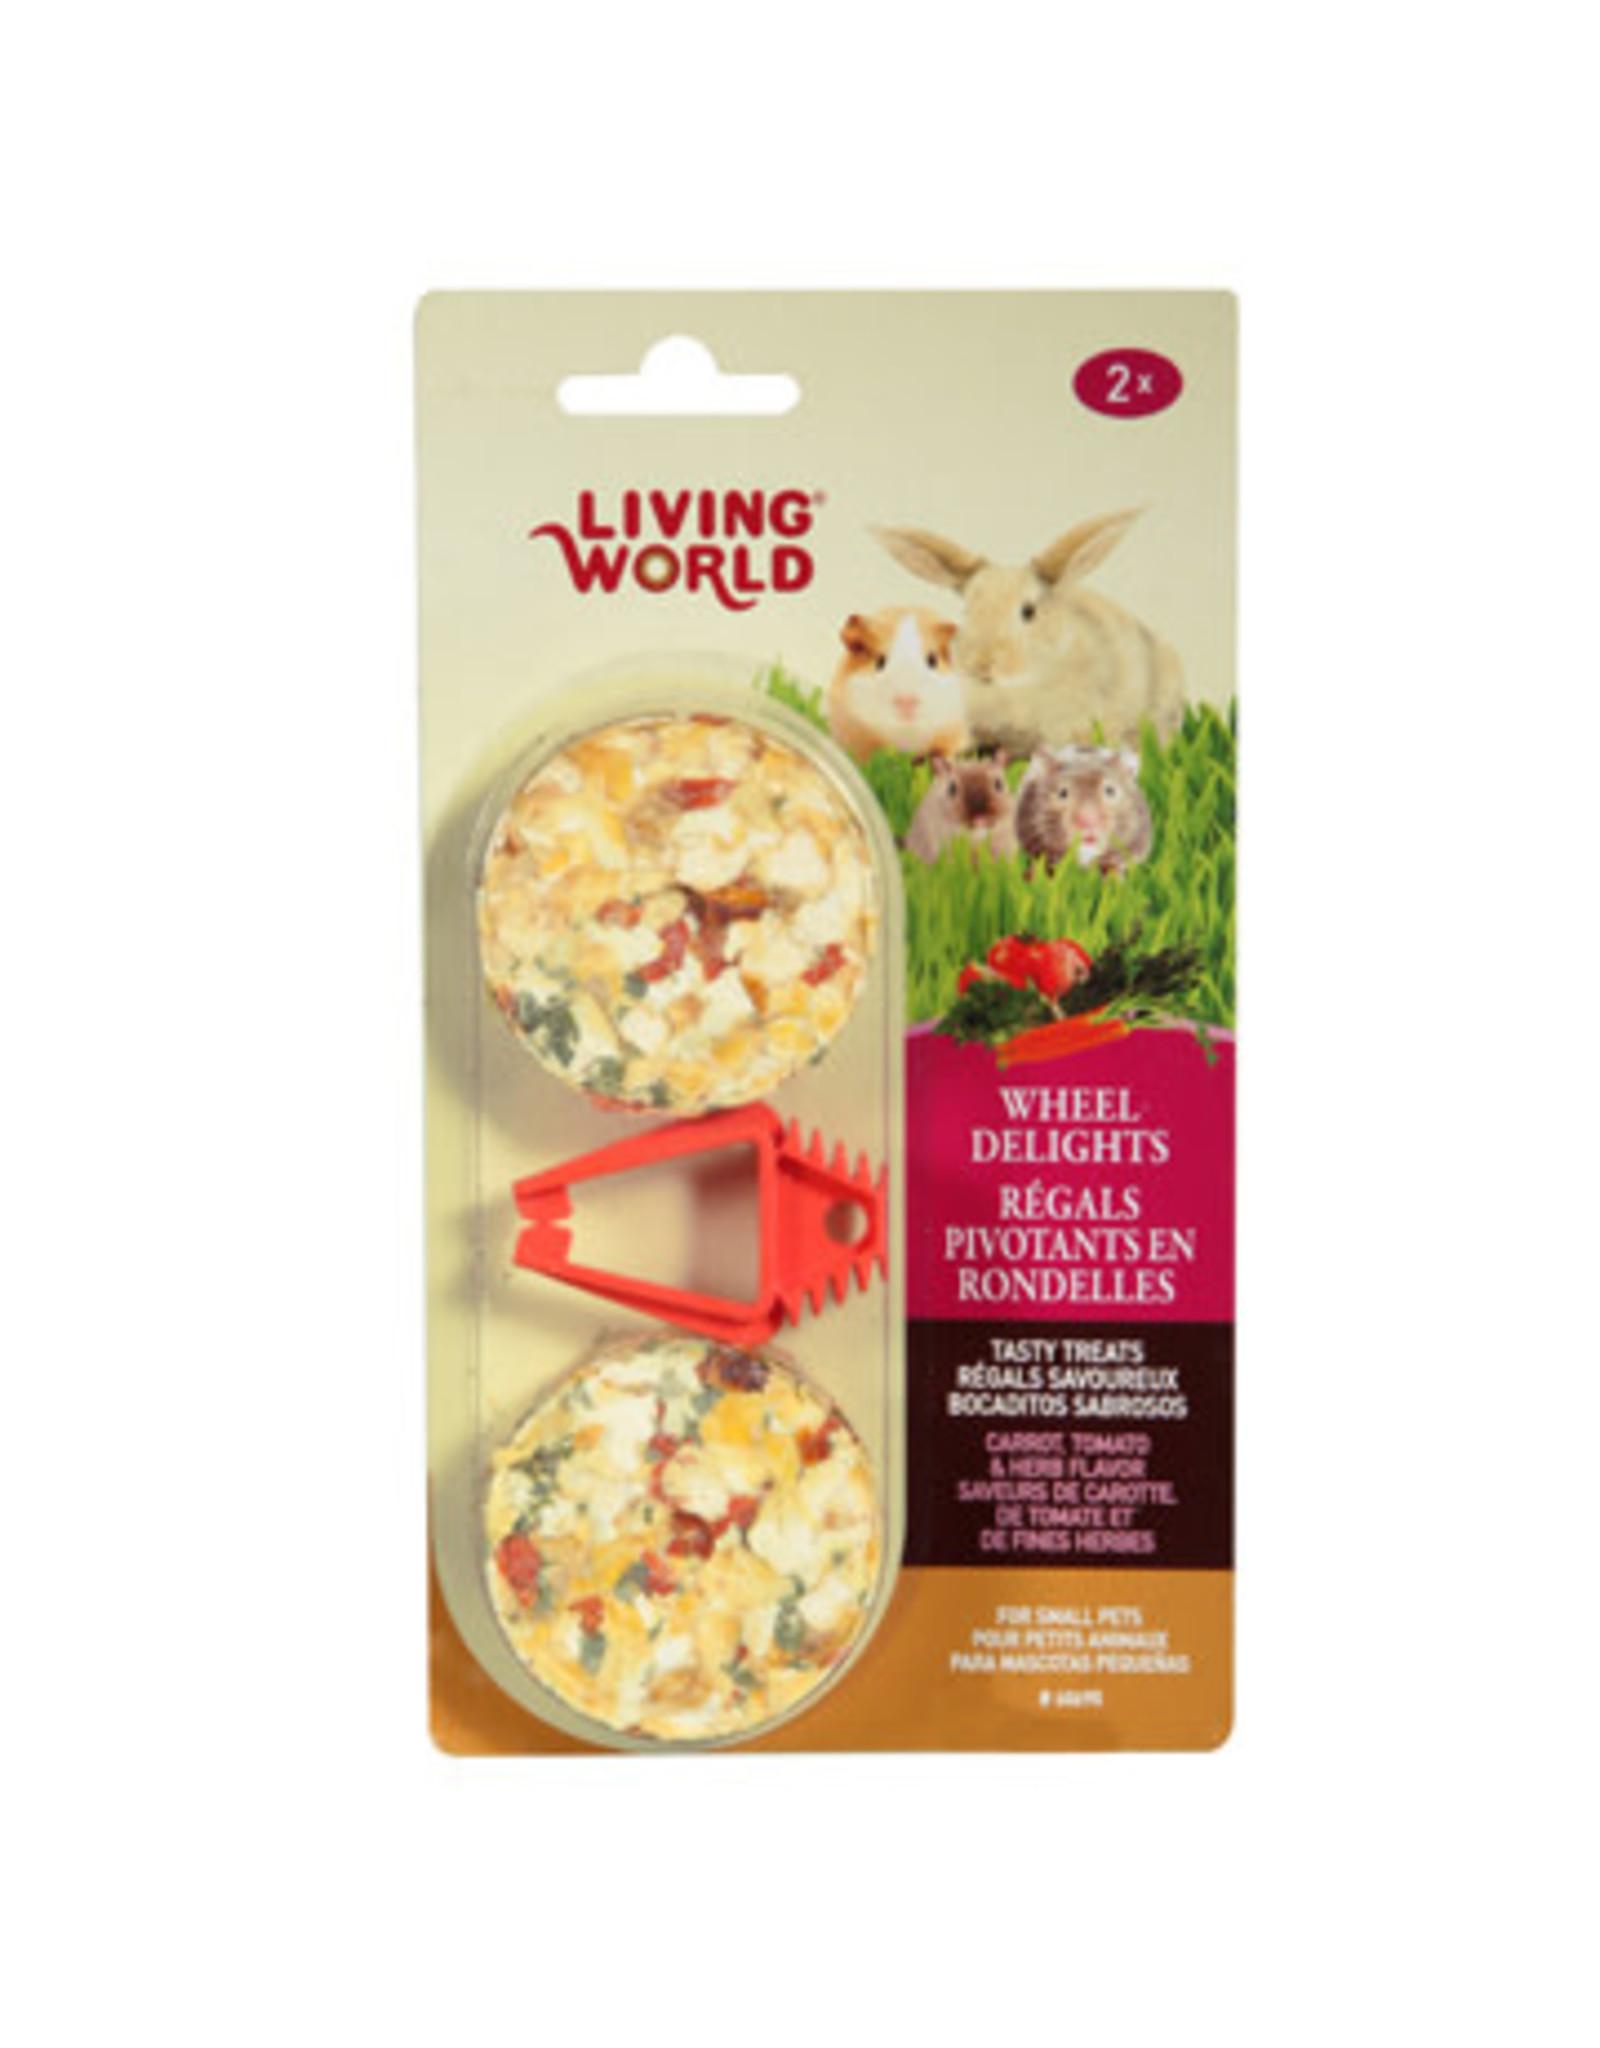 Living World Living World Wheel Delights - Carrot/Tomato/Herb - 2-pack